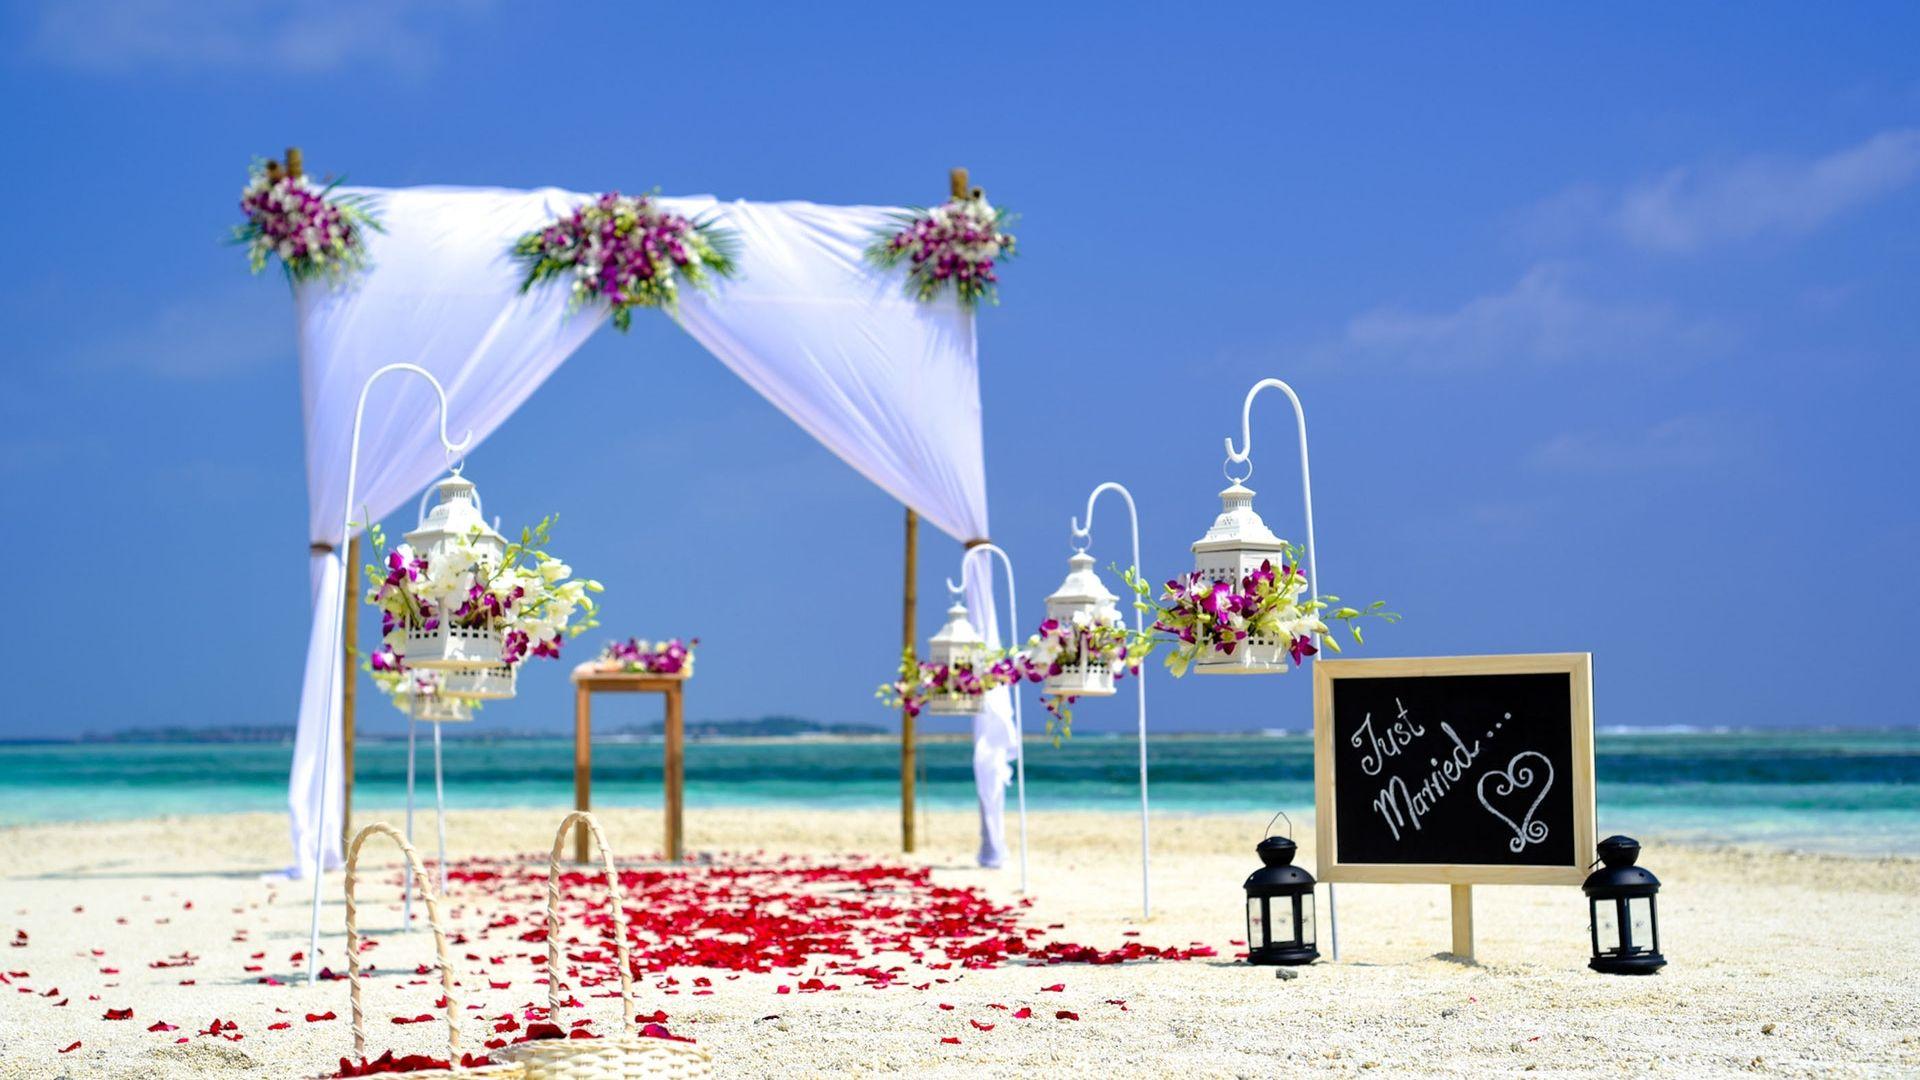 Beach Wedding Setup Wallpaper   Wallpaper Stream 1920x1080